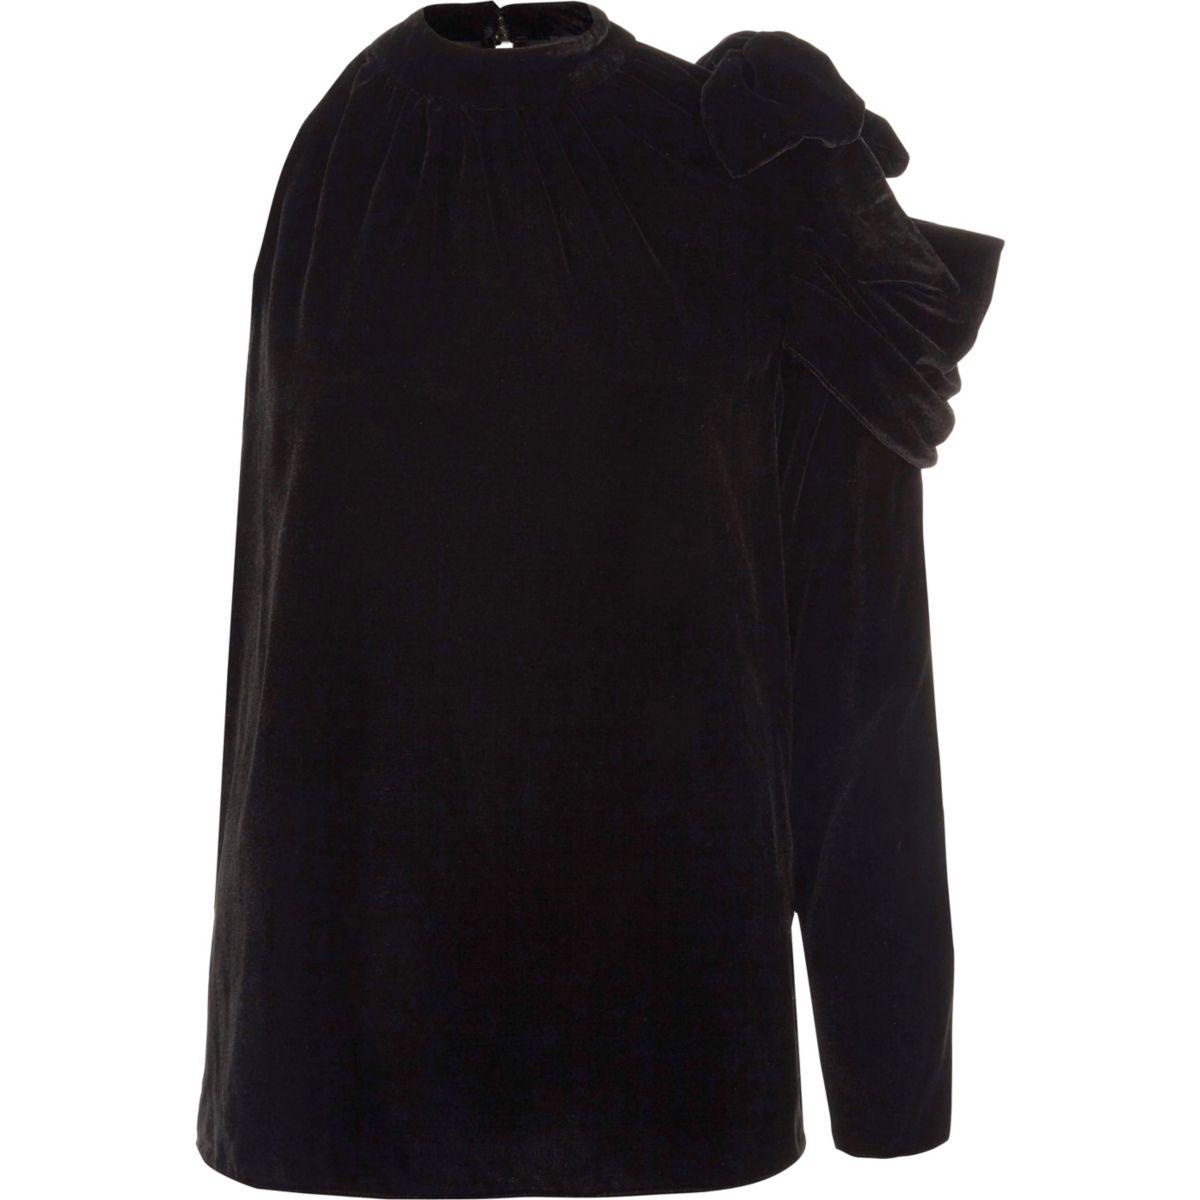 Black velvet one shoulder ruched top